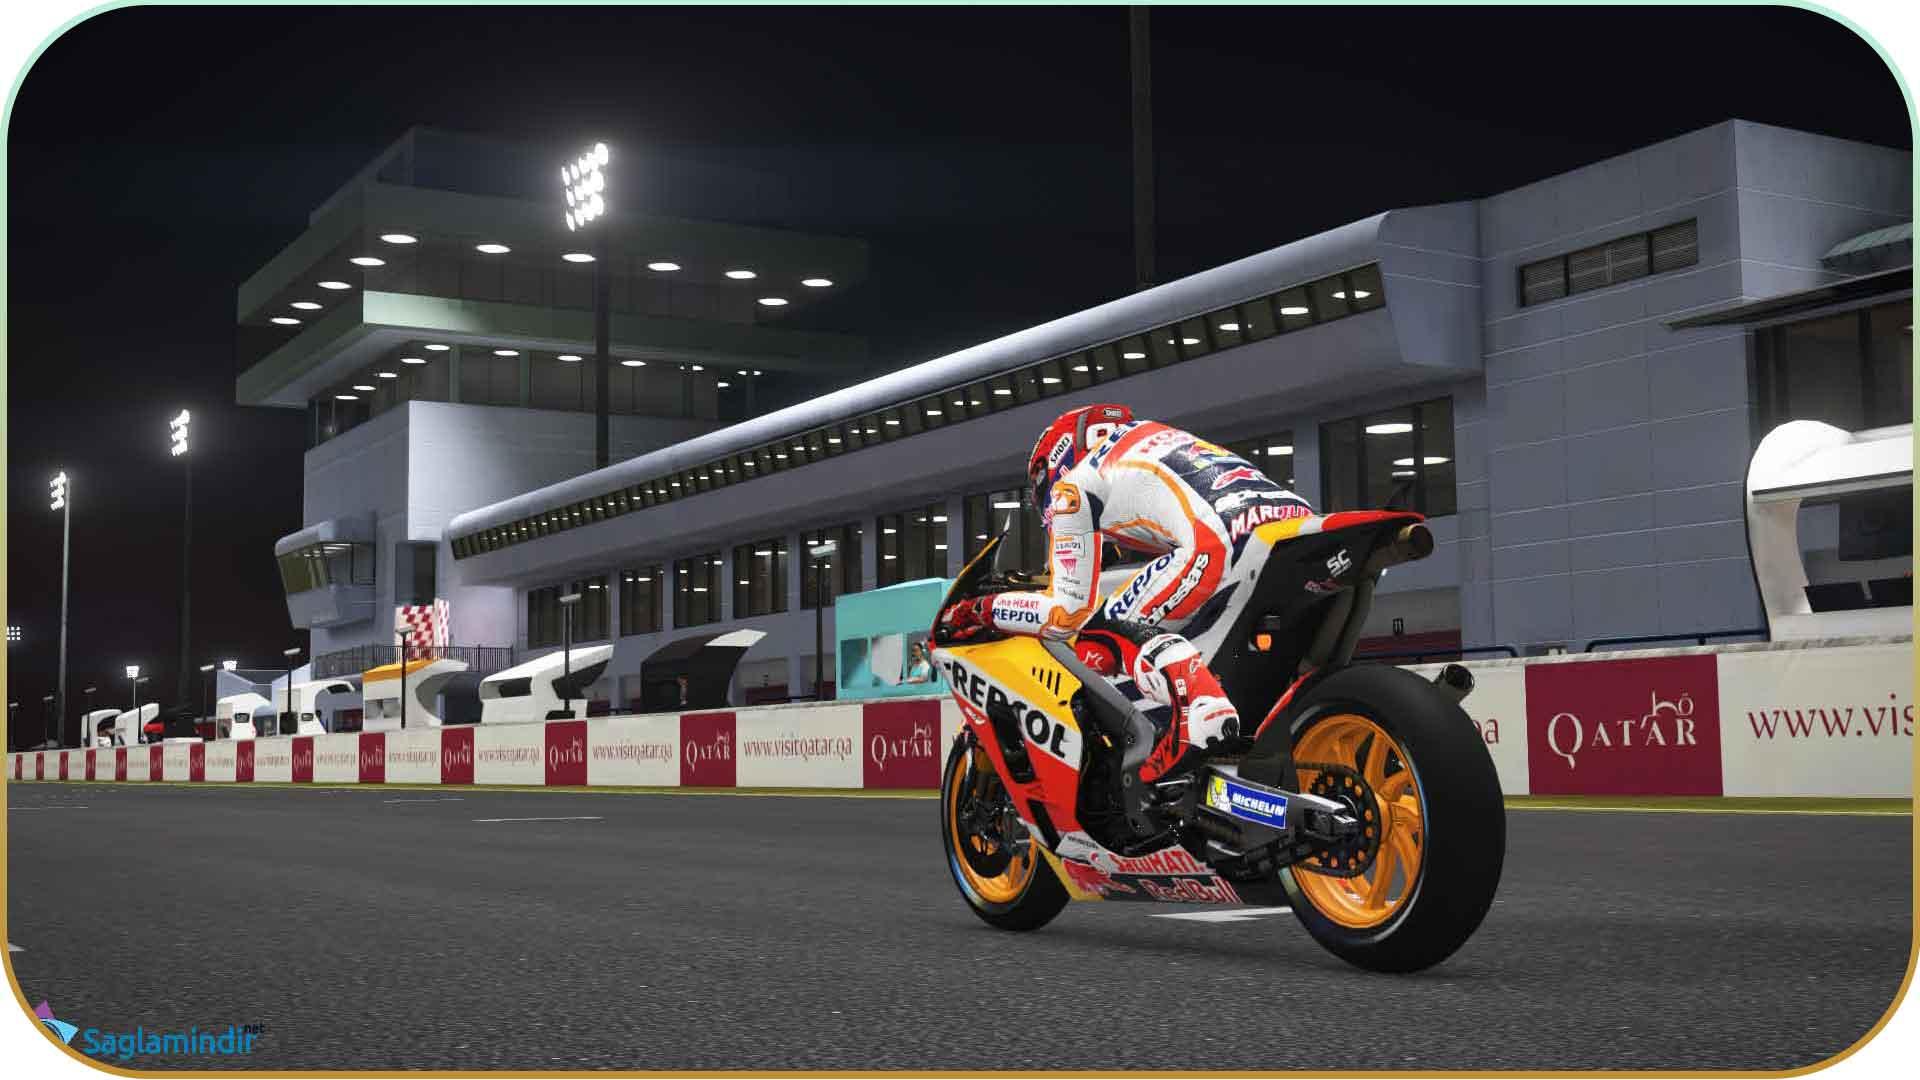 Moto GP 17 saglamindir